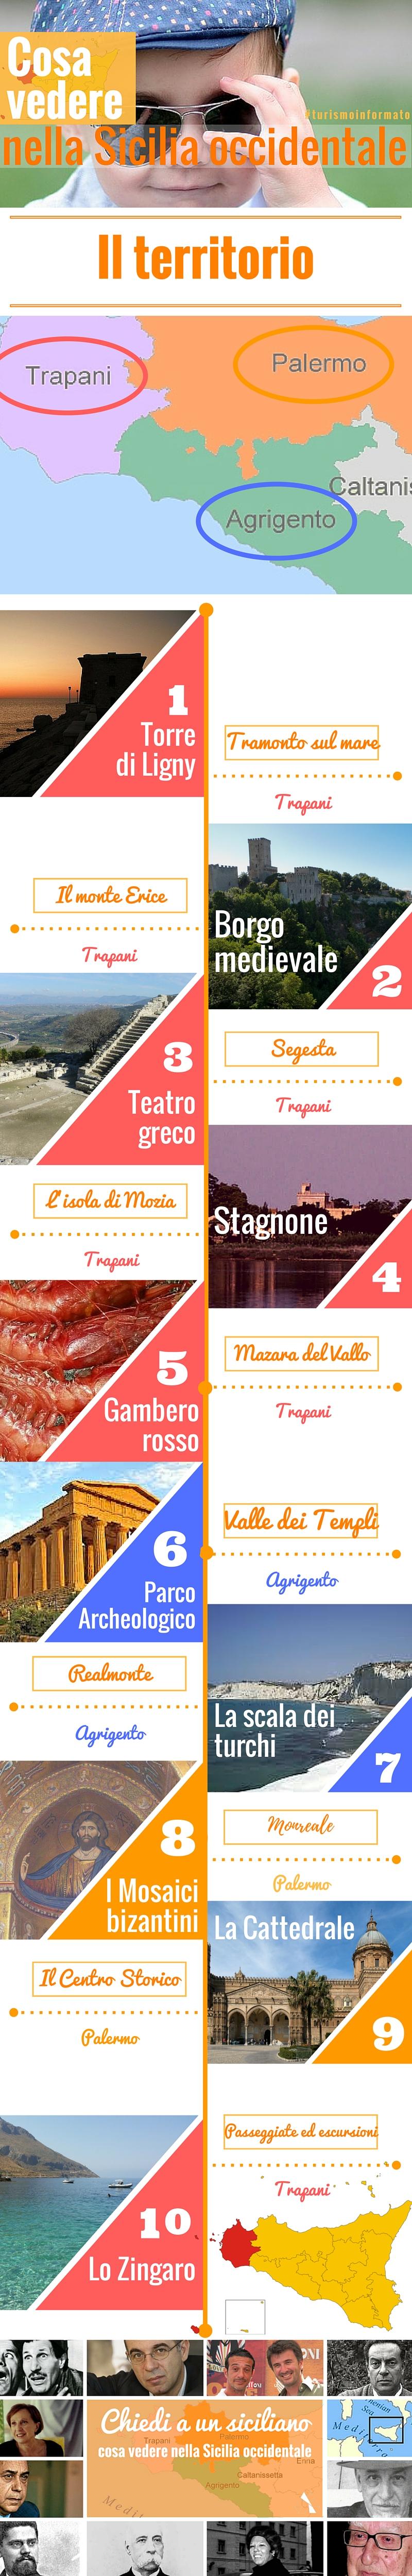 Infografica sulle cose da vedere nella Sicilia occidentale, nei territori di Trapani, di Agrigento e di Palermo.